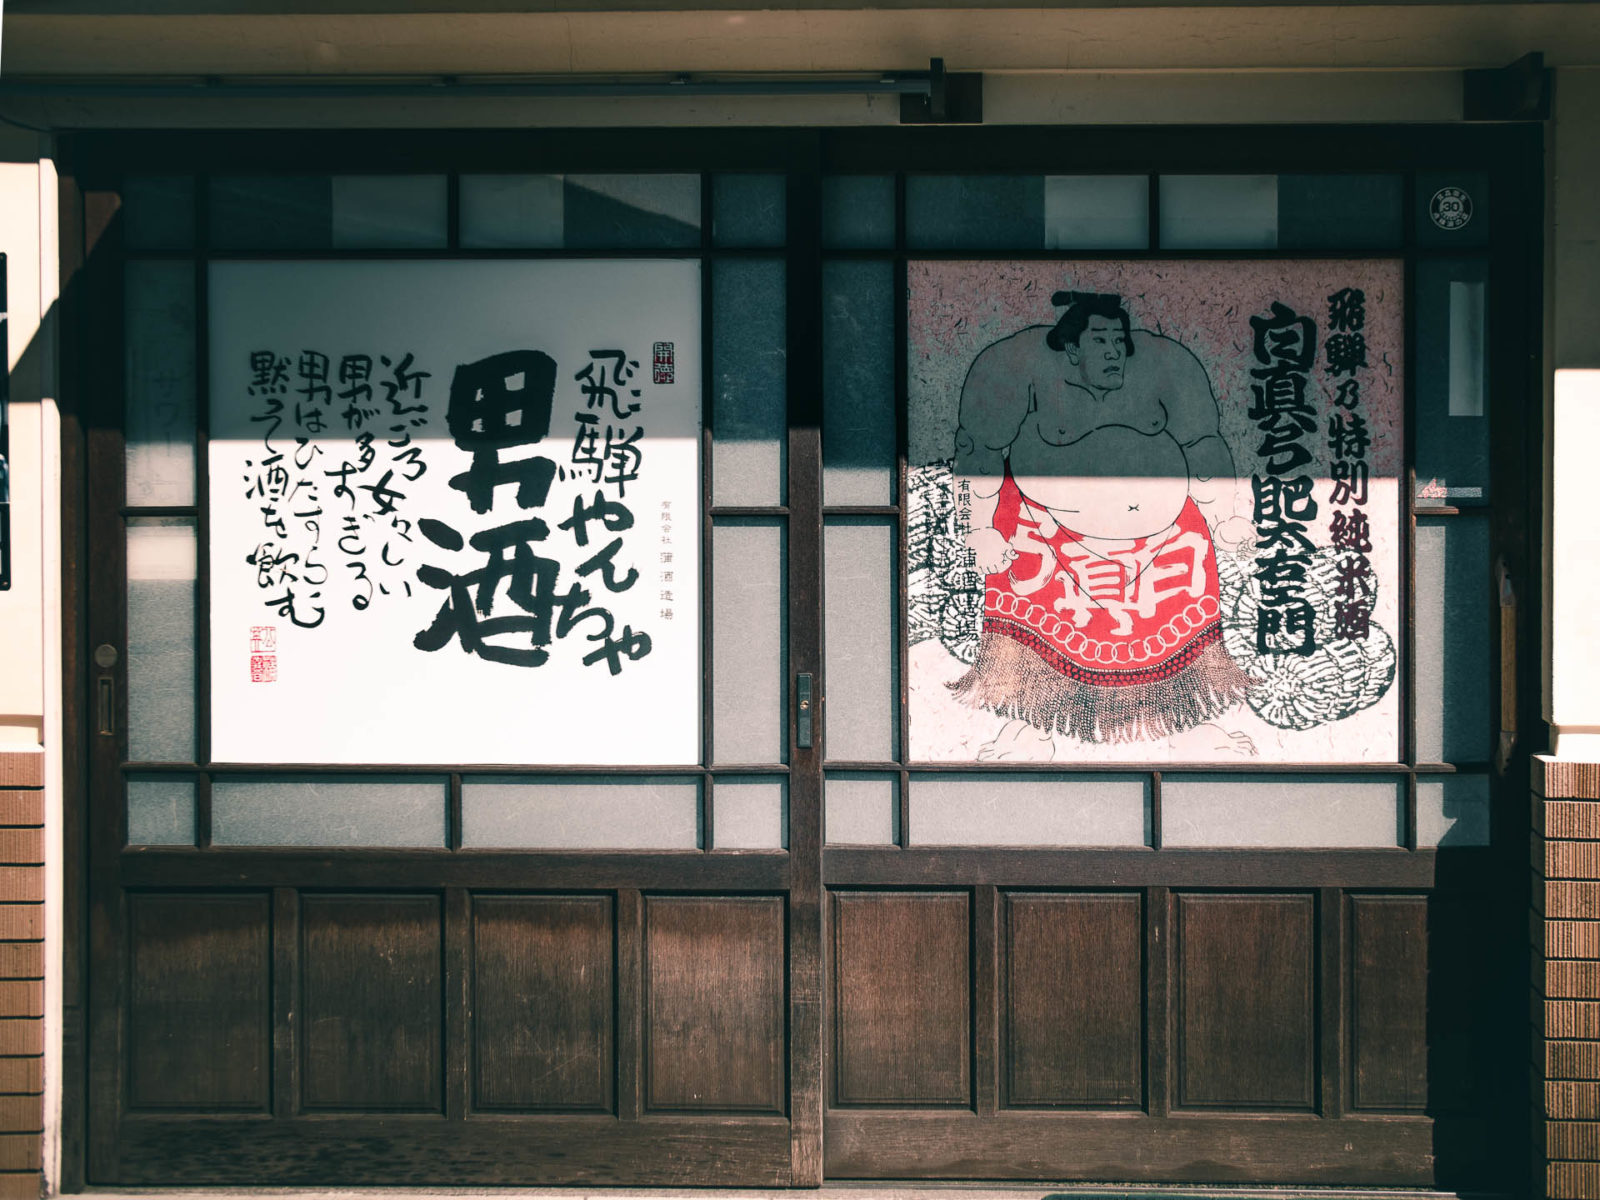 1600942432 699 Hida Furukawa camina en Japon inspiracion de Your Name